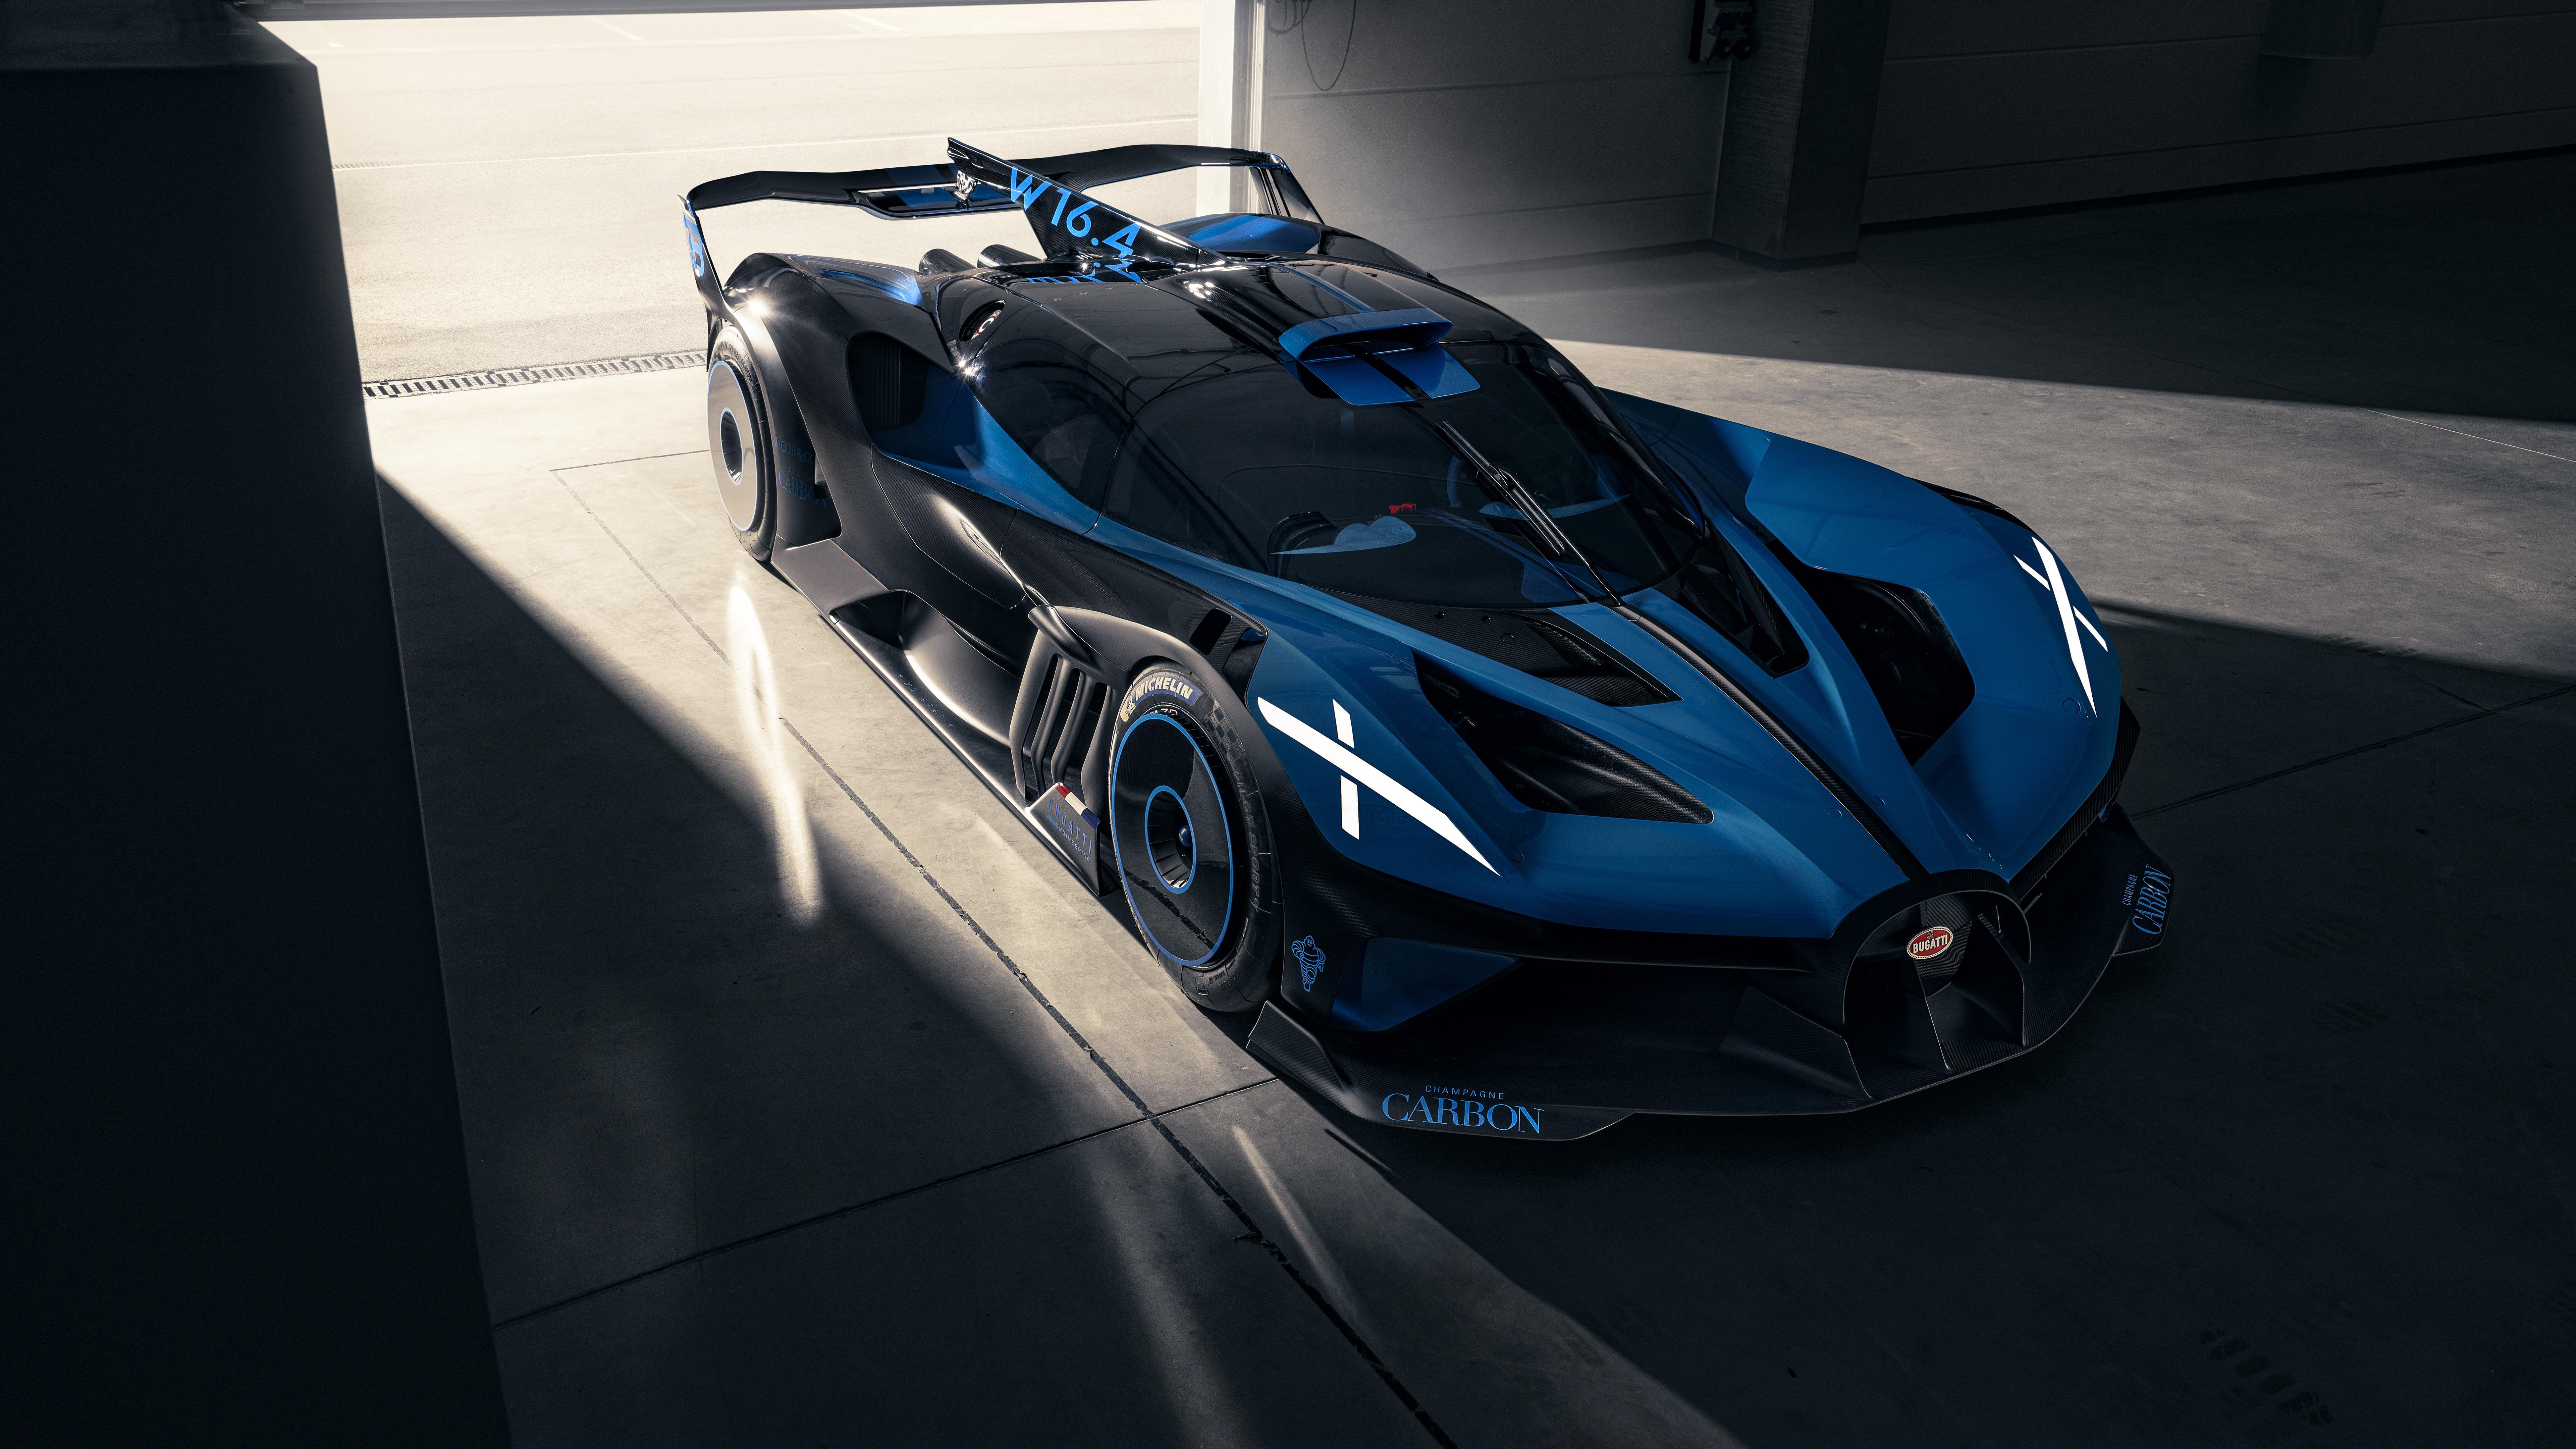 bugatti bolide 2021 4k 1608980444 - Bugatti Bolide 2021 4k - Bugatti Bolide 2021 4k wallpapers